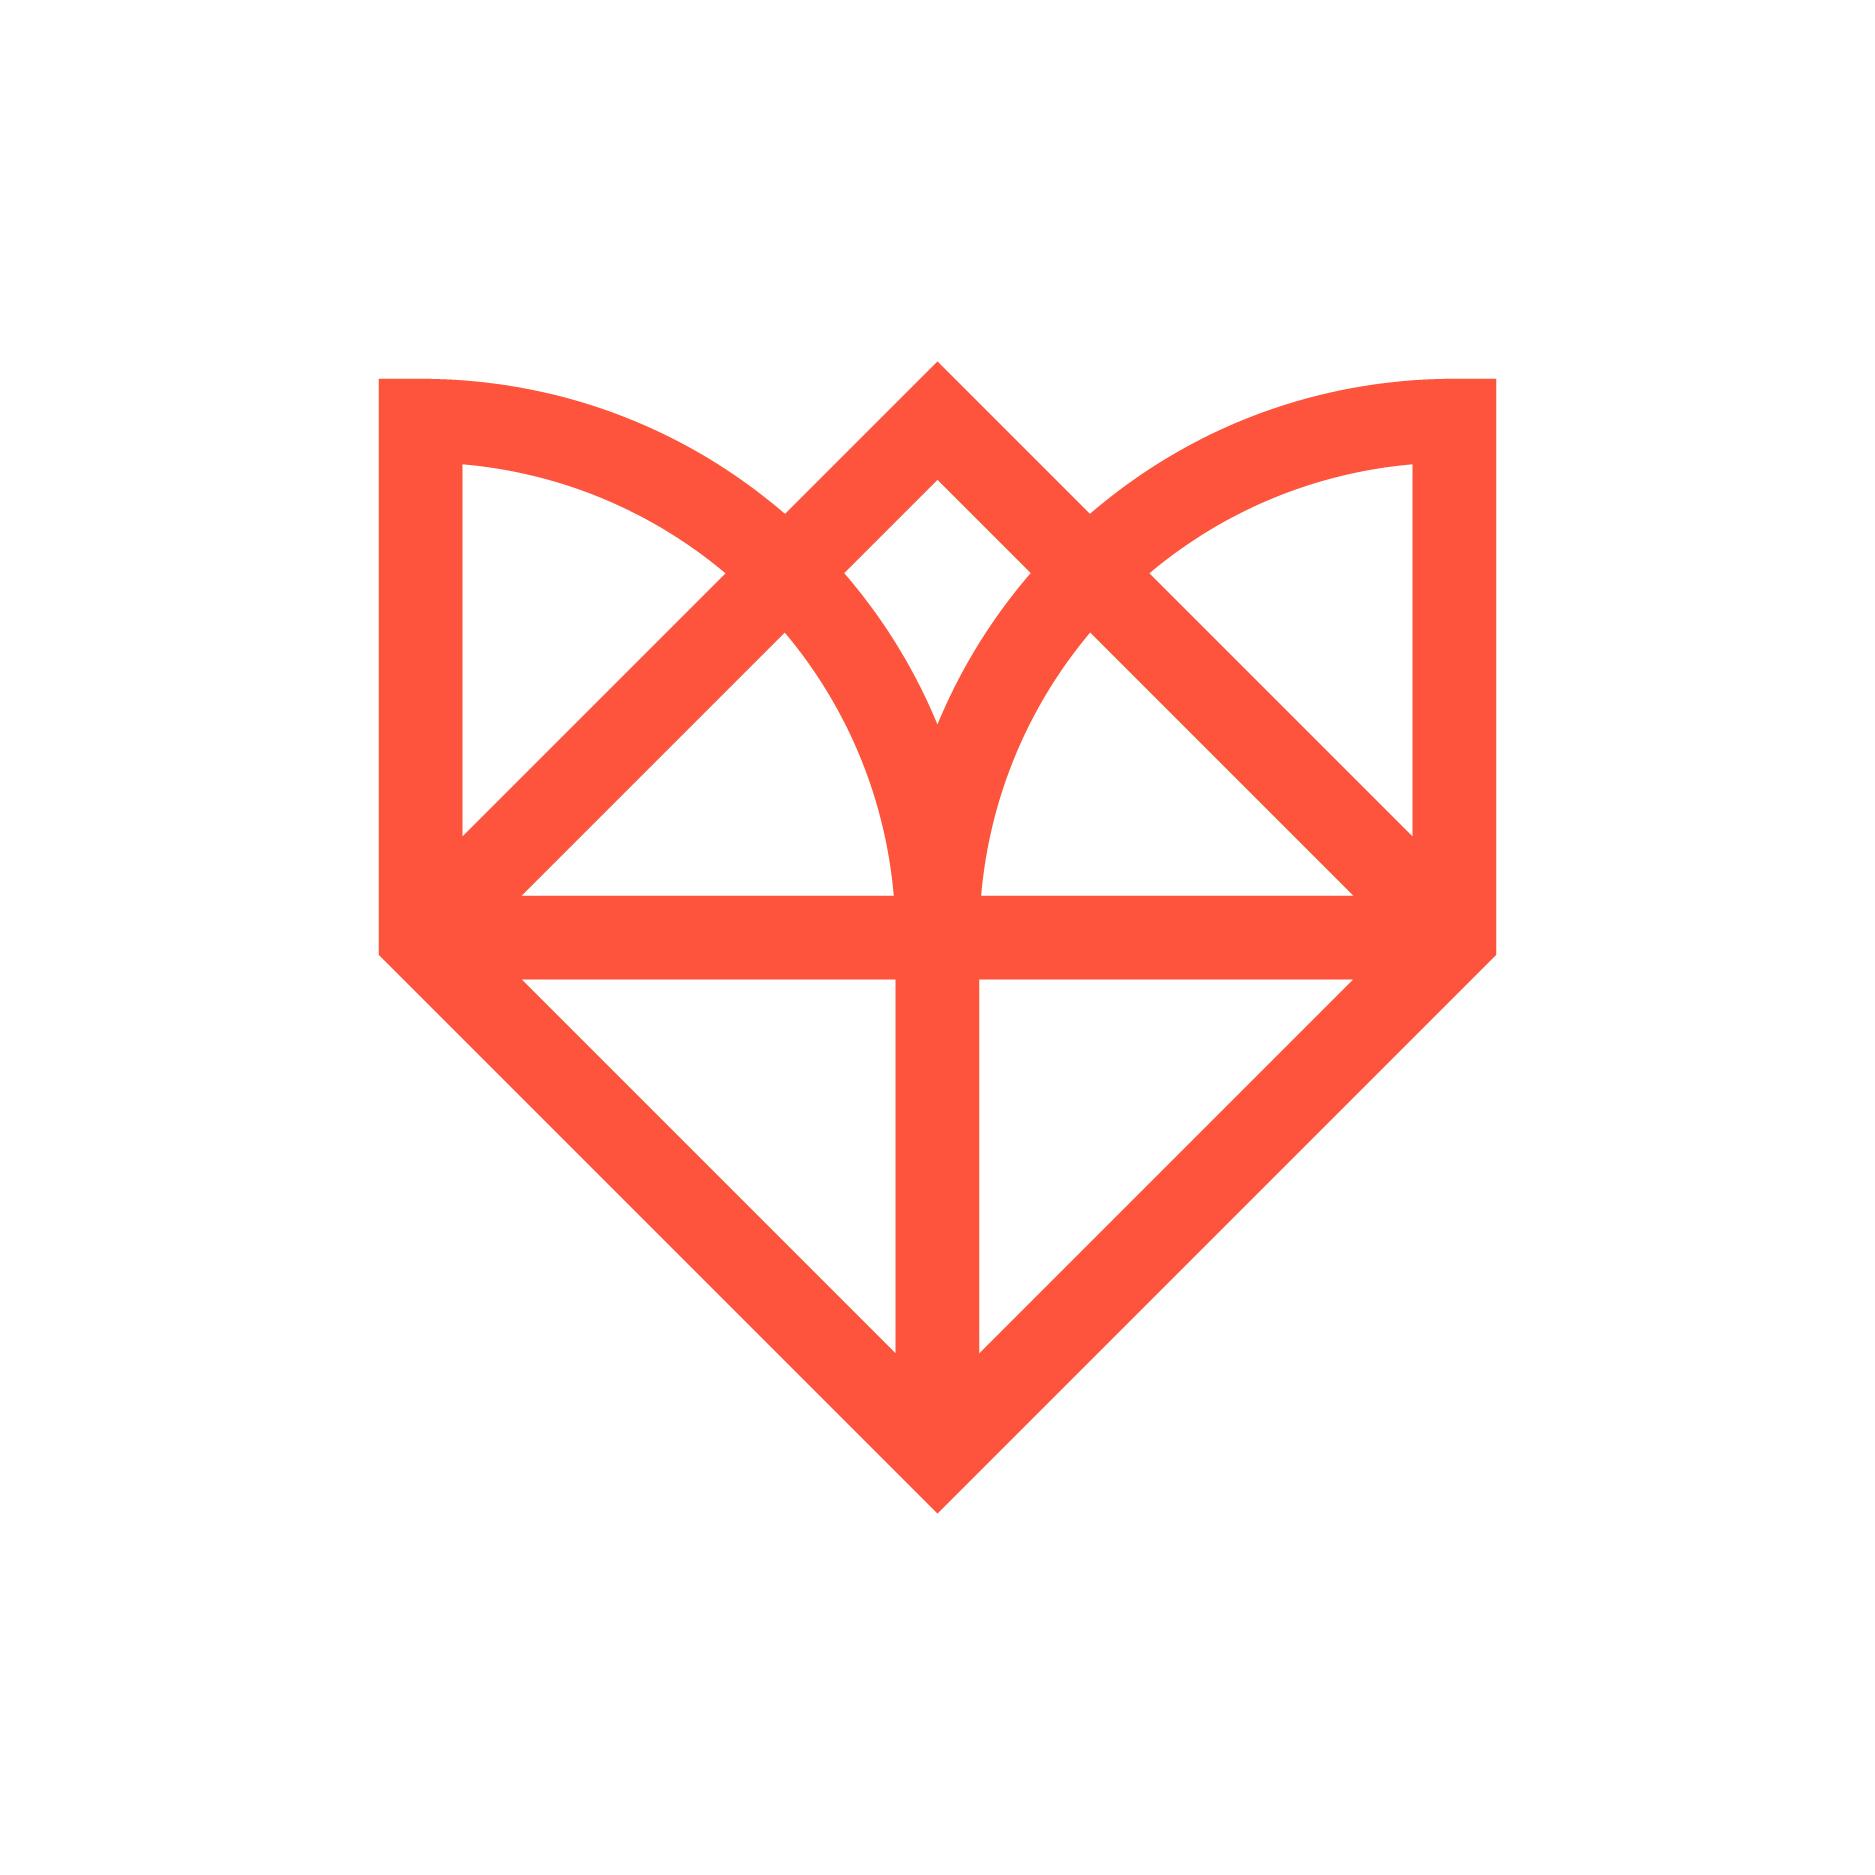 Foxicraft